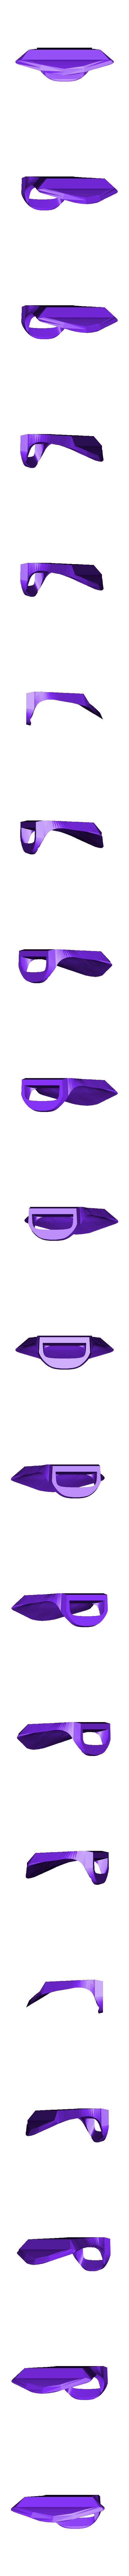 mouth.stl Download free STL file Astro Jetson • 3D print model, reddadsteve